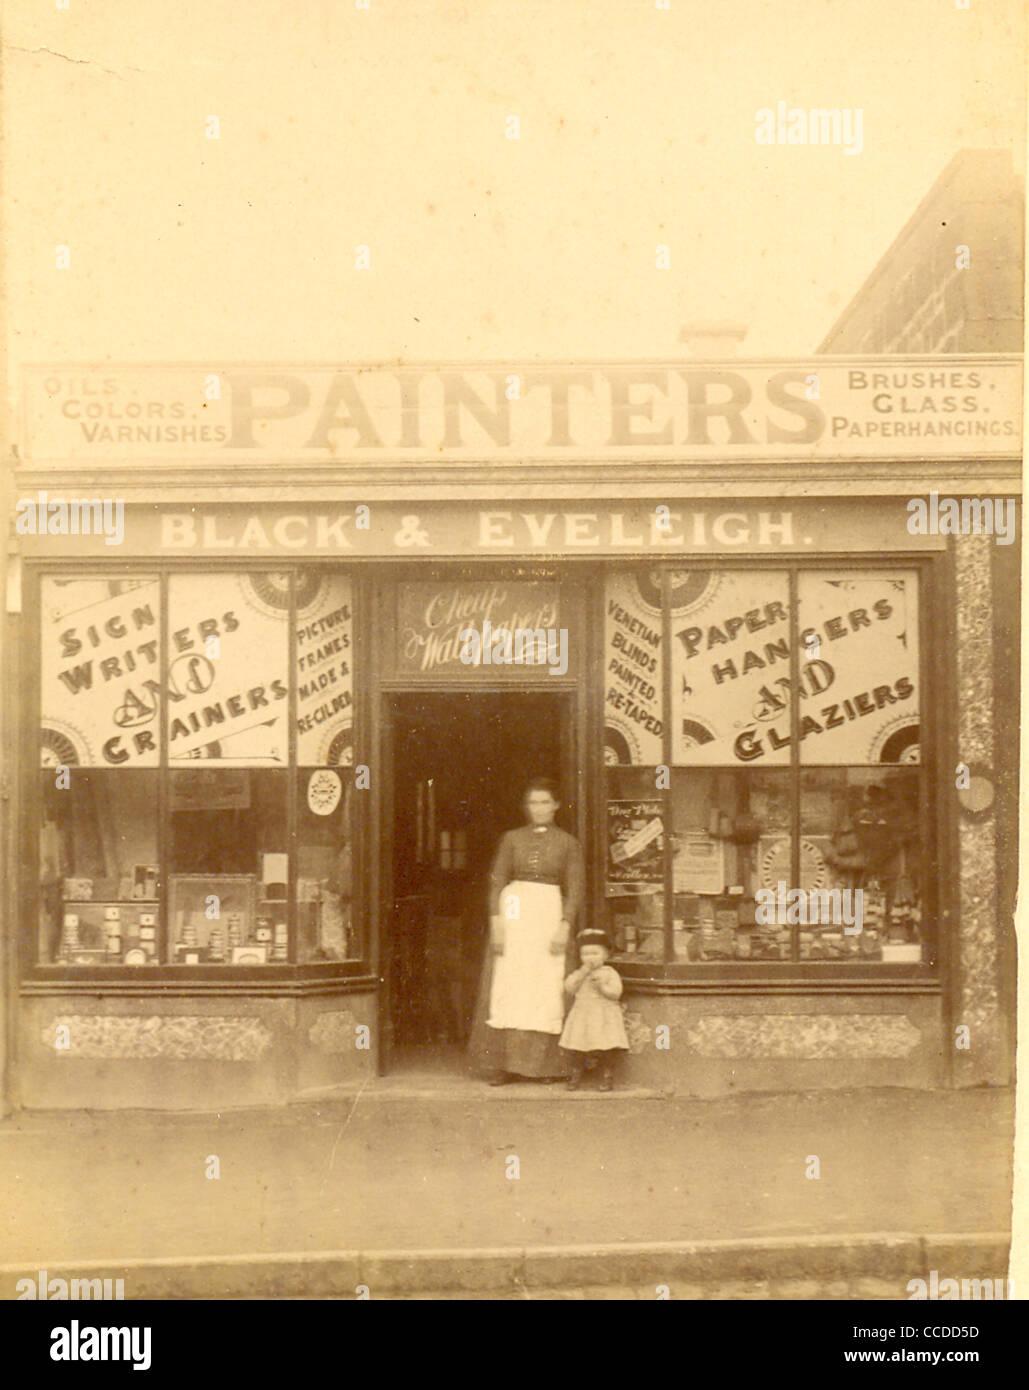 Armadio fotografia di firmare lo scrittore e pittori shop, nero & Eveleigh Immagini Stock